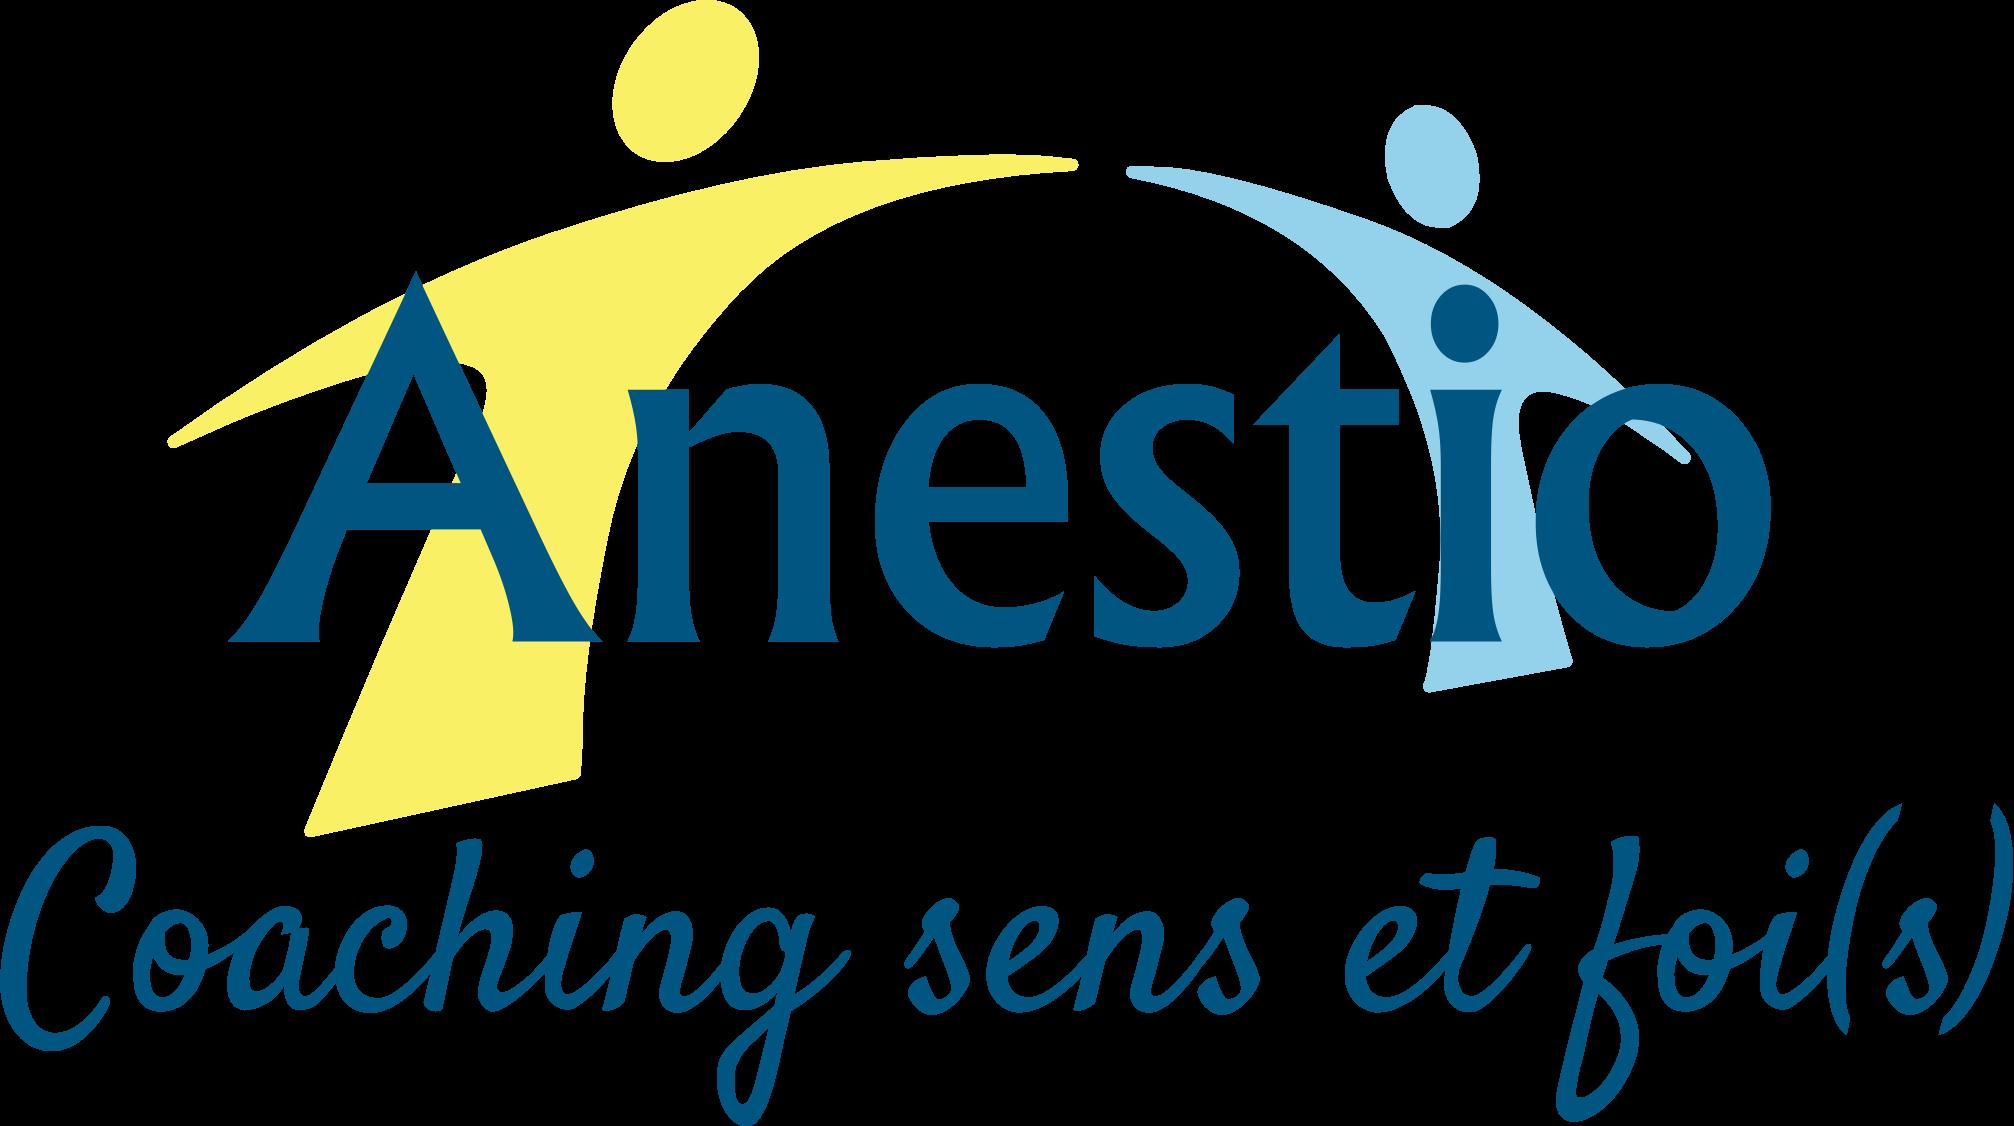 Anestio